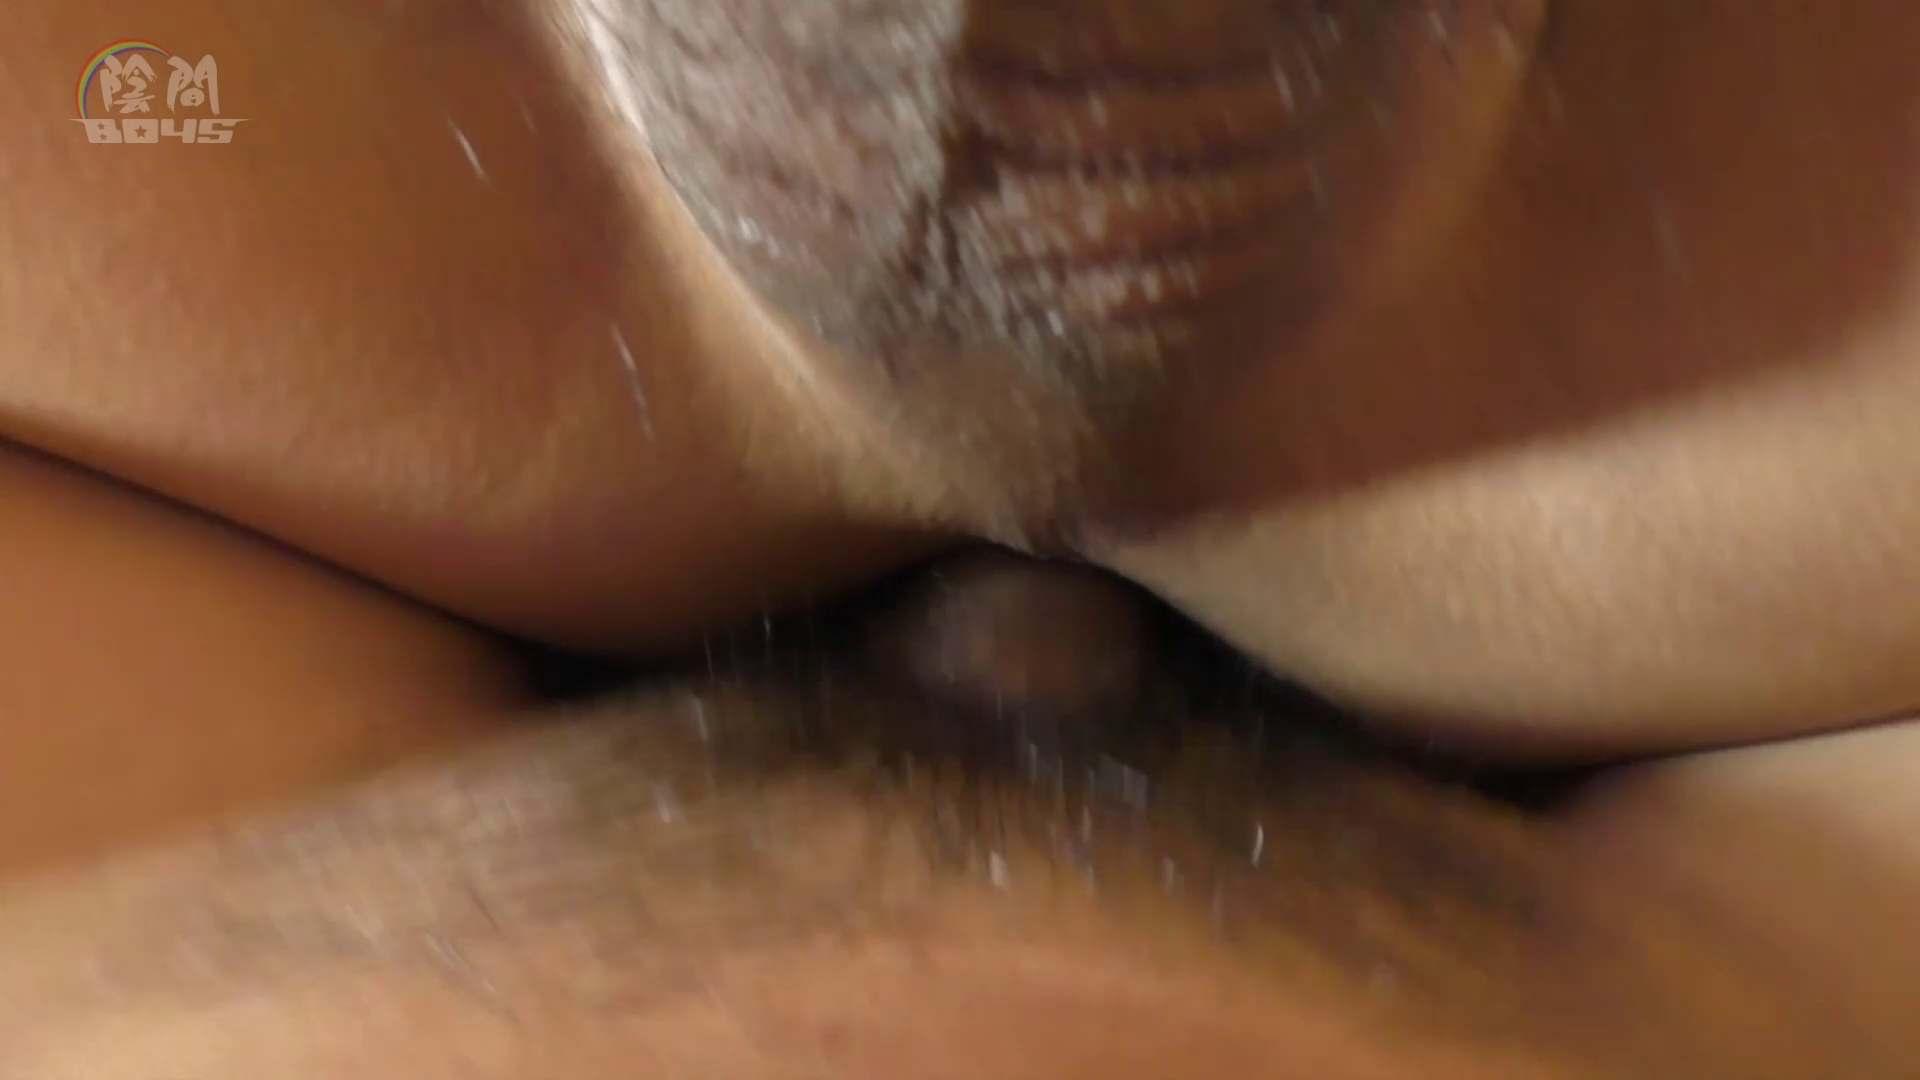 キャバクラの仕事はアナルから6  ~アナルの囁き~Vol.06 フェラ天国 ゲイセックス画像 91pic 18